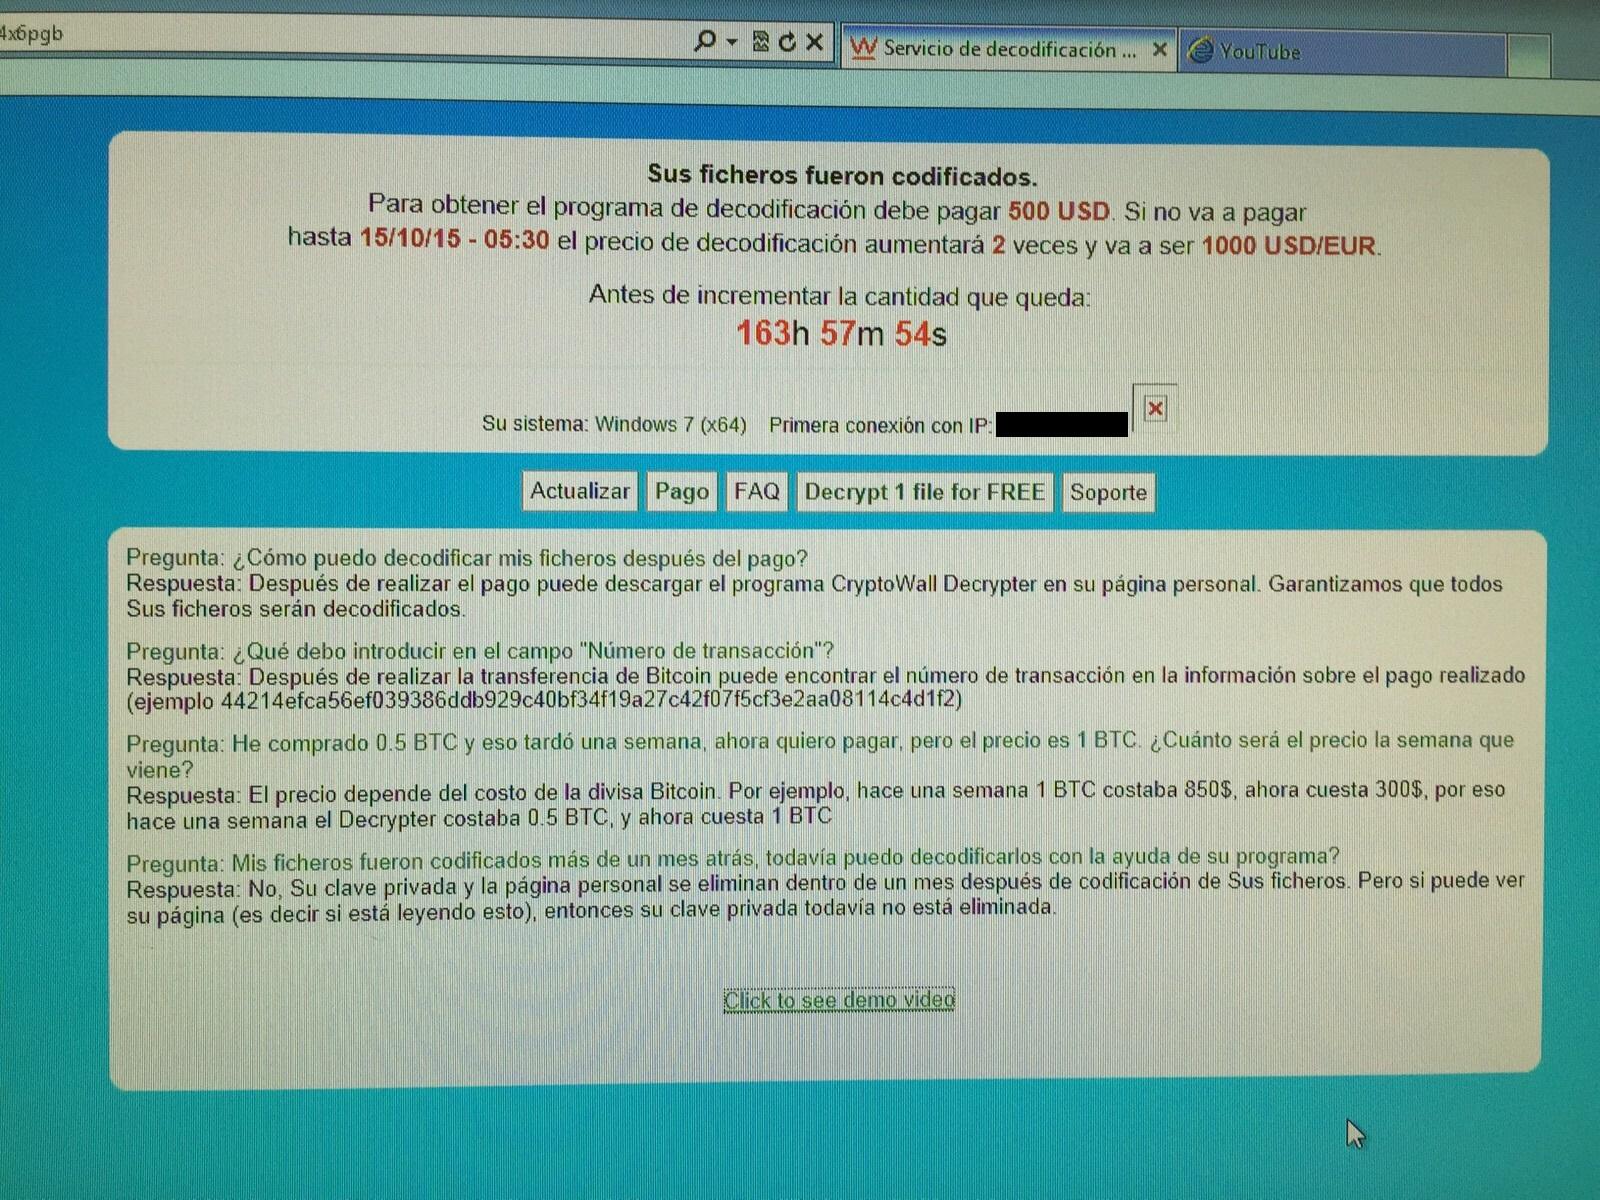 ransom_oct15b